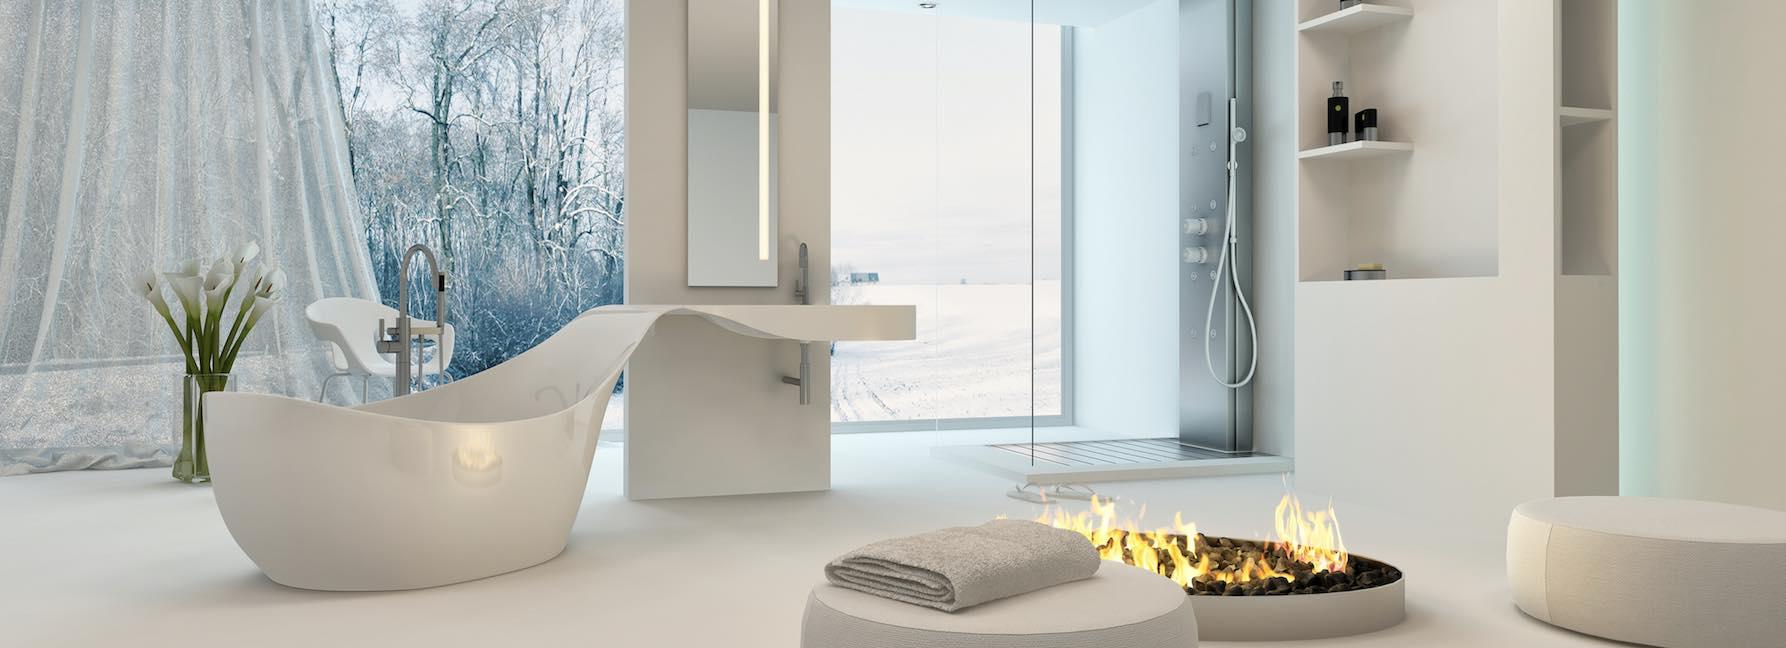 Badsanierung Badgestaltung Badrenovierung Pohl Regensburg